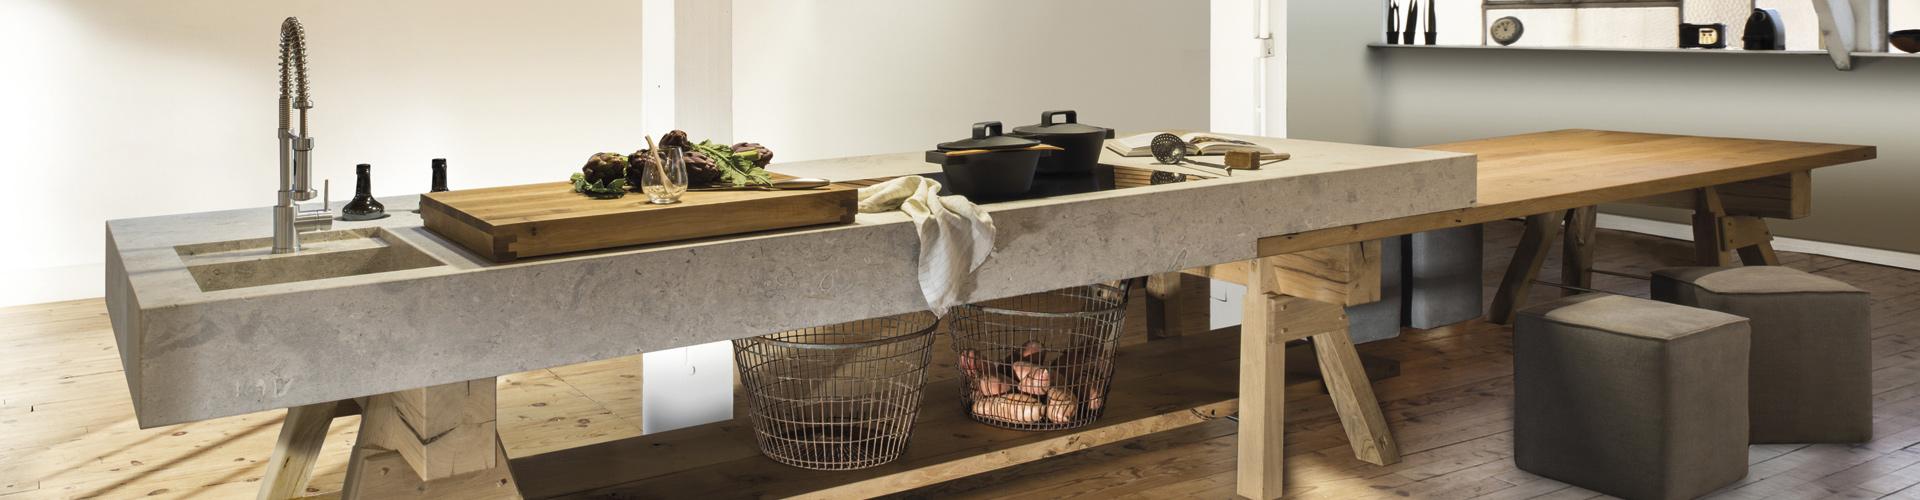 werkhaus k chenideen exklusive k chen und schreinerk chen. Black Bedroom Furniture Sets. Home Design Ideas